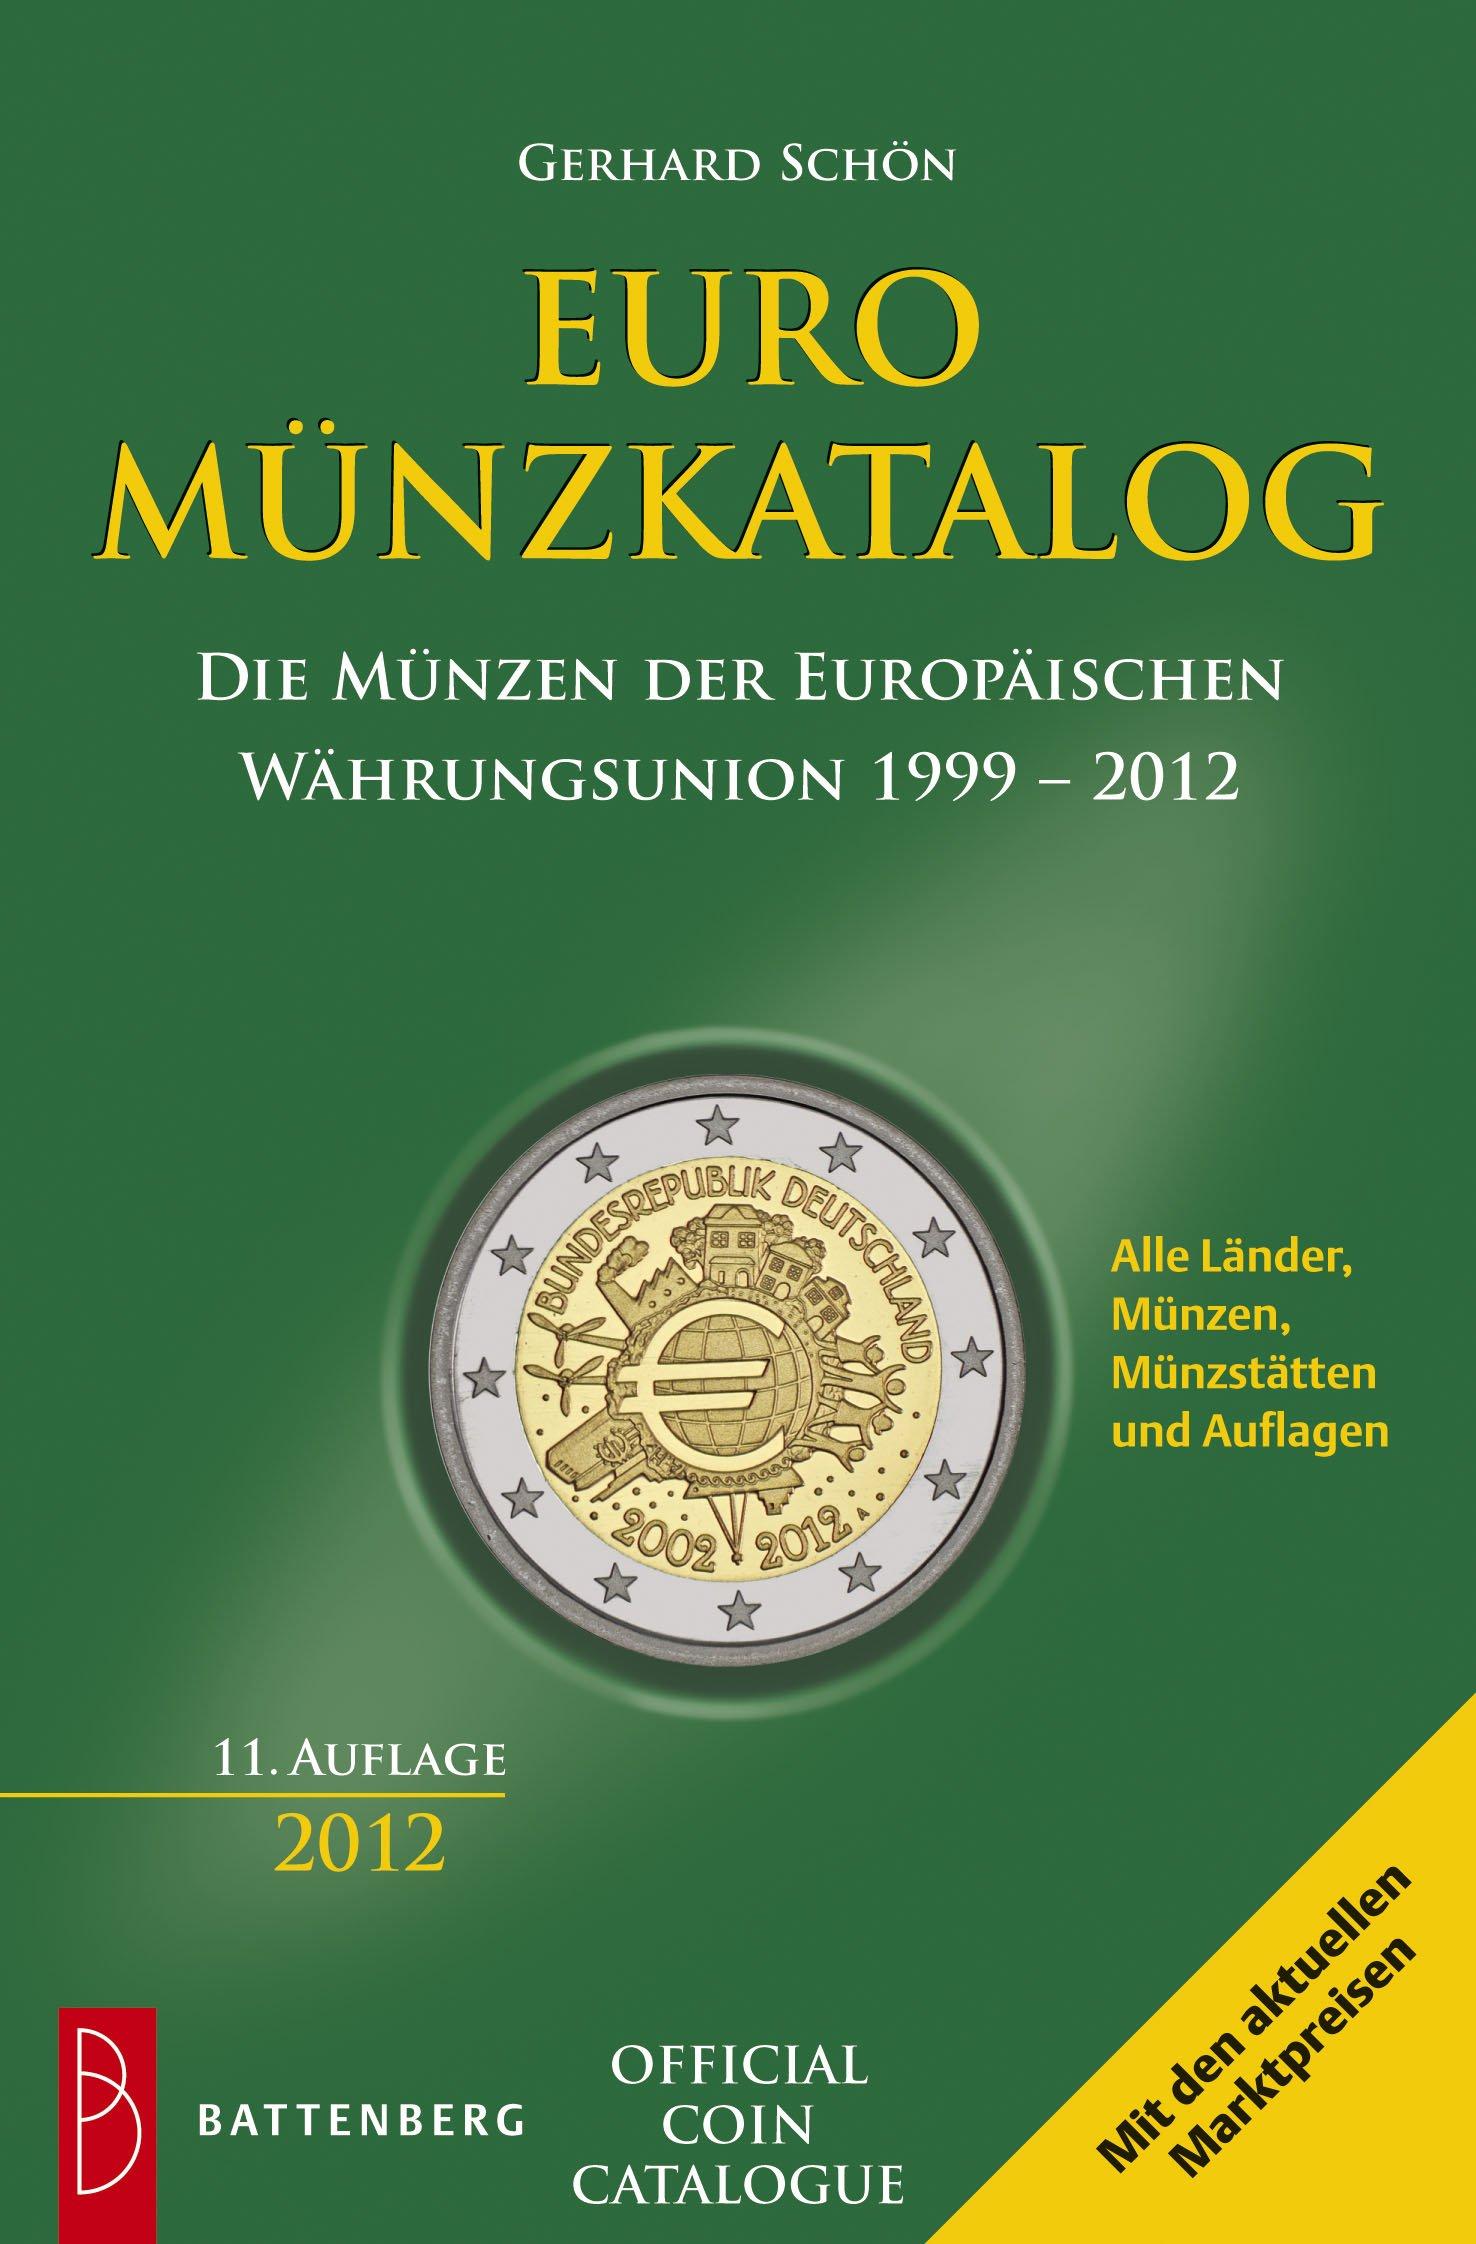 Euro-Münzkatalog: Die Münzen der Europäischen Währungsunion 1999 - 2012